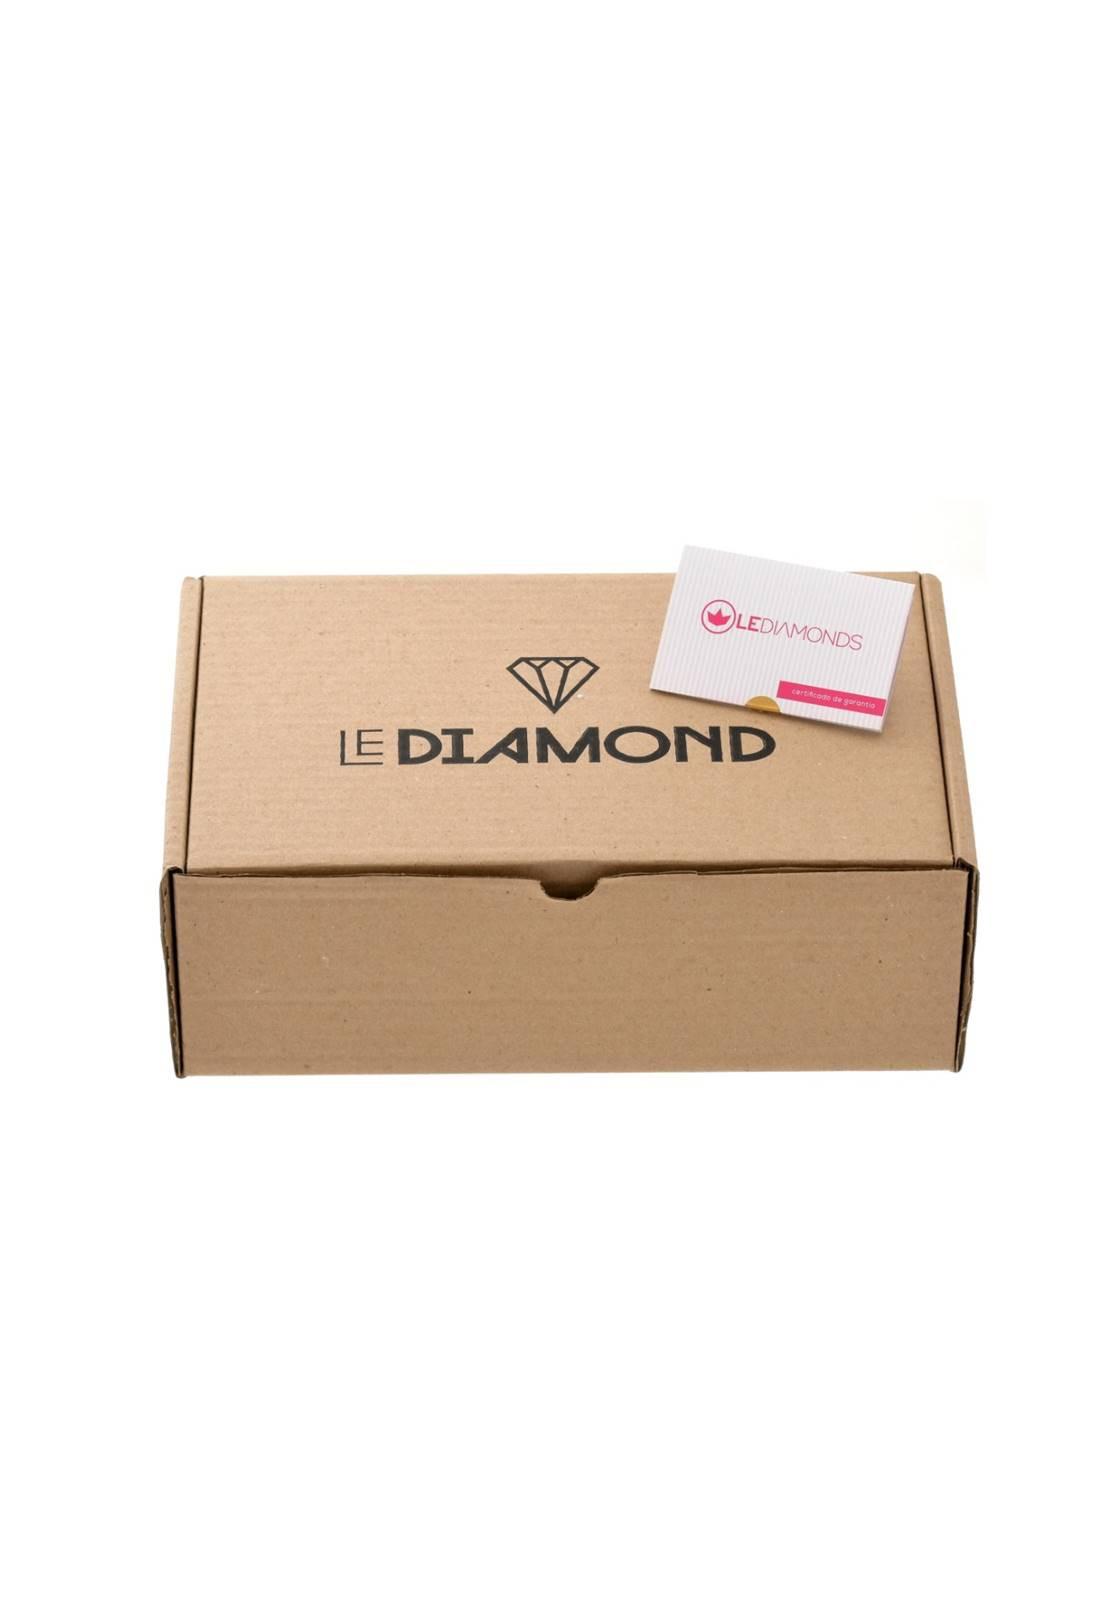 Brinco Le Diamond Coração com Pérola Dourado